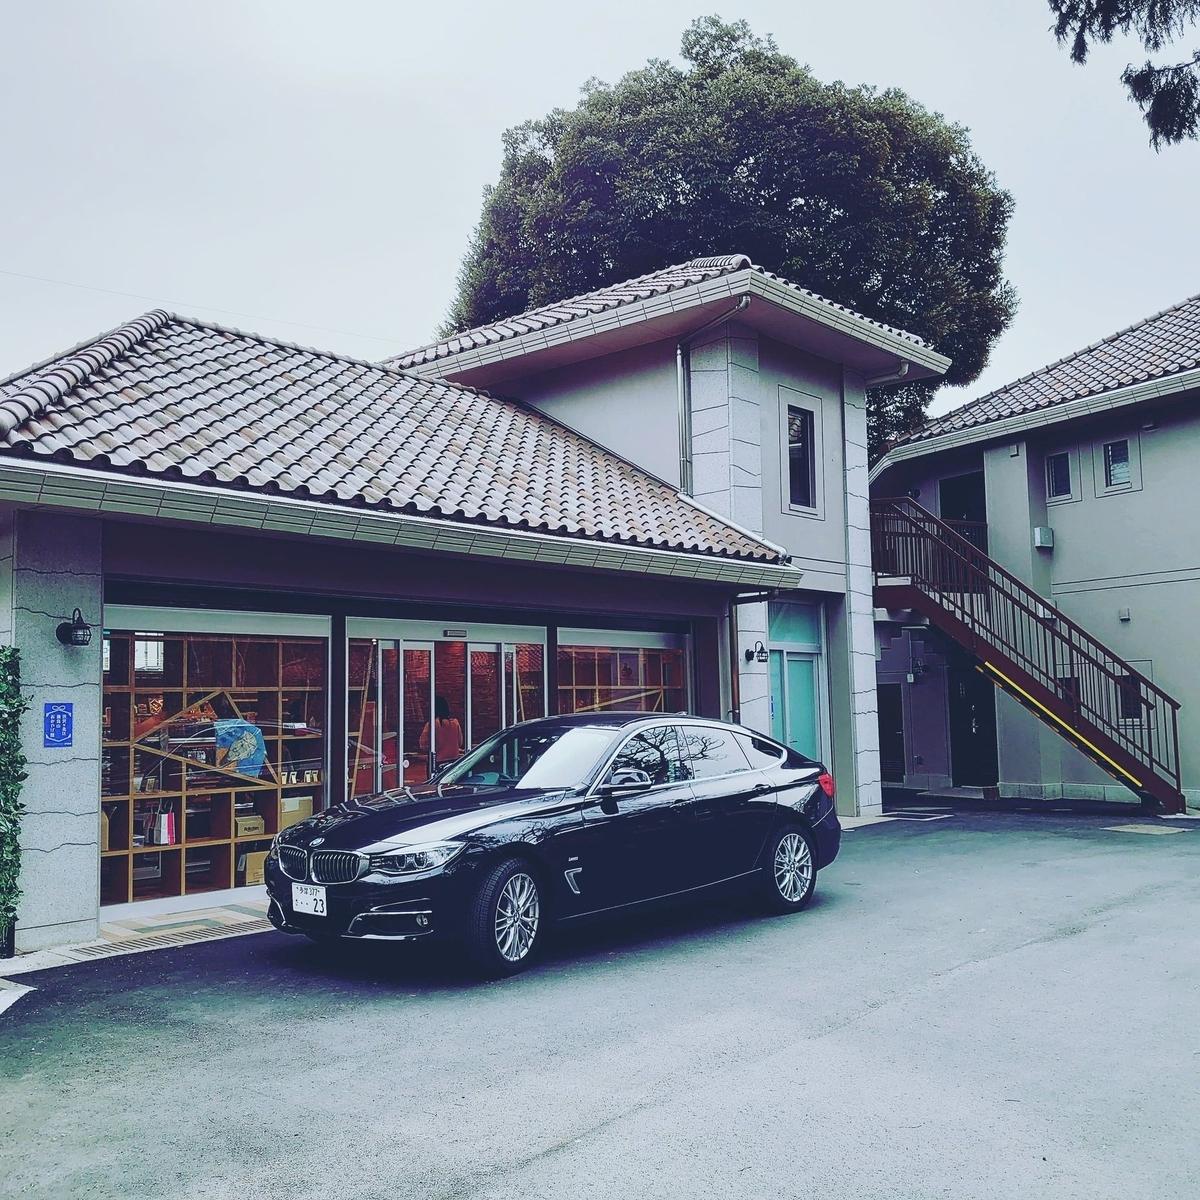 渋沢×北区 飛鳥山 おみやげ館